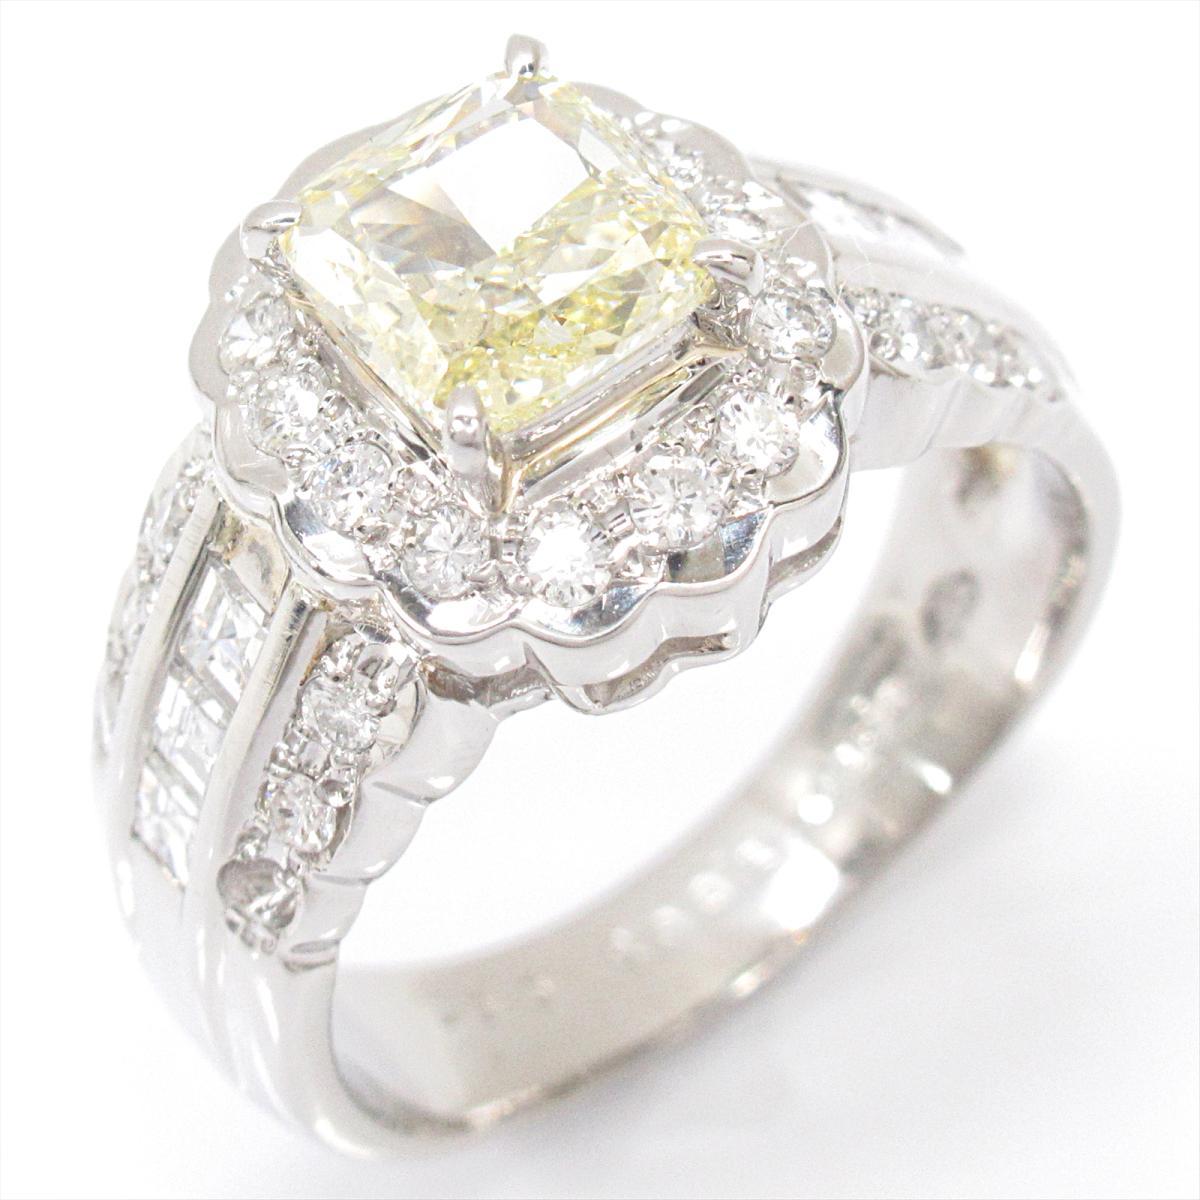 【中古】 ジュエリー ダイヤモンド リング 指輪 レディース PT900 プラチナ x (1.003/0.67ct) | JEWELRY BRANDOFF ブランドオフ ブランド アクセサリー